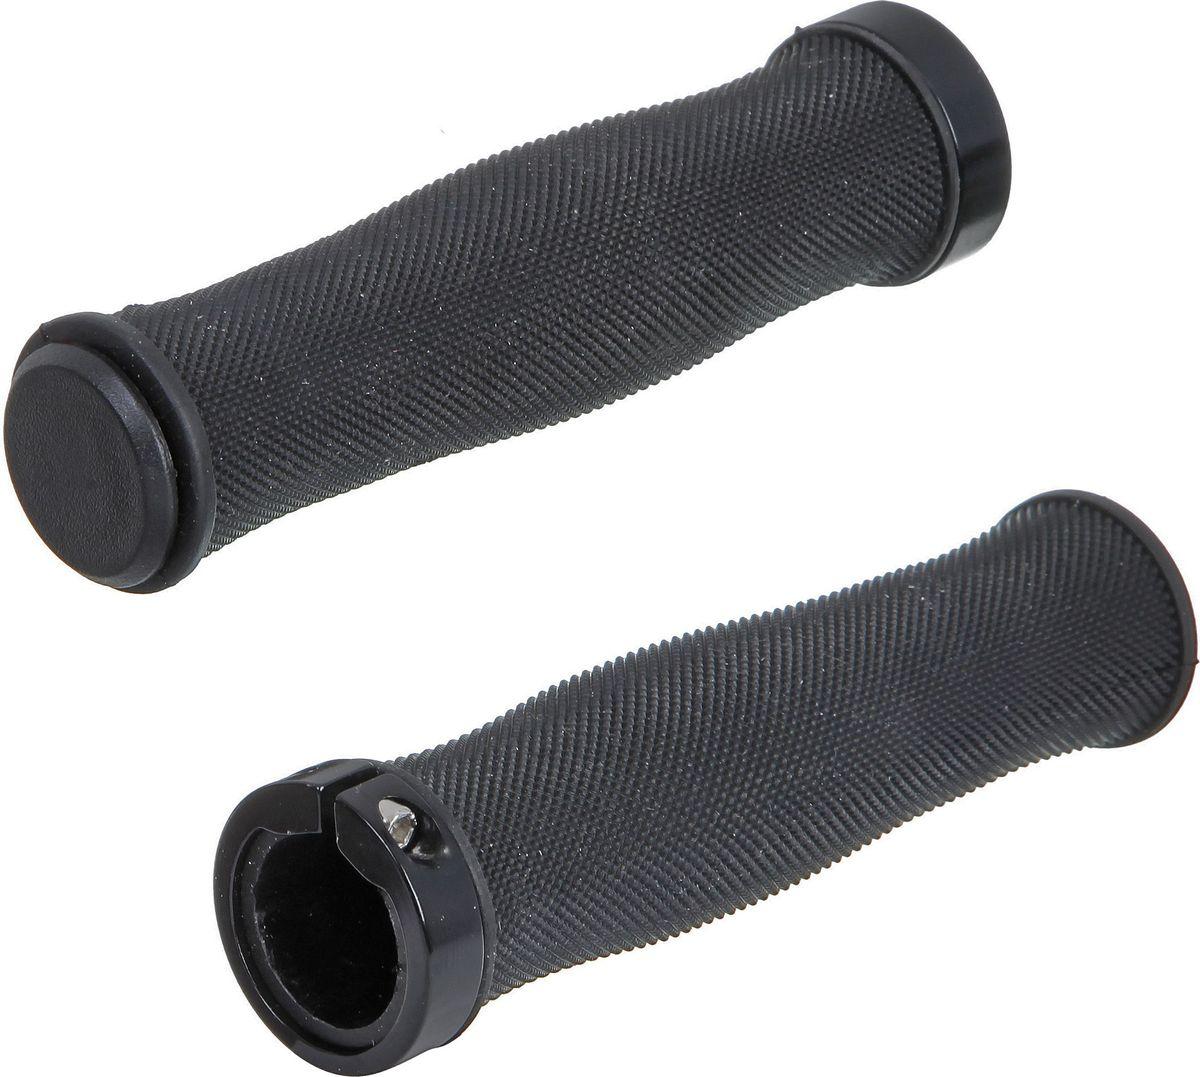 Грипсы STG HL-G217, цвет: черный, 130 ммГризлиГрипсы предназначены для увеличения сцепления рук с рулём. Длина 130 мм.